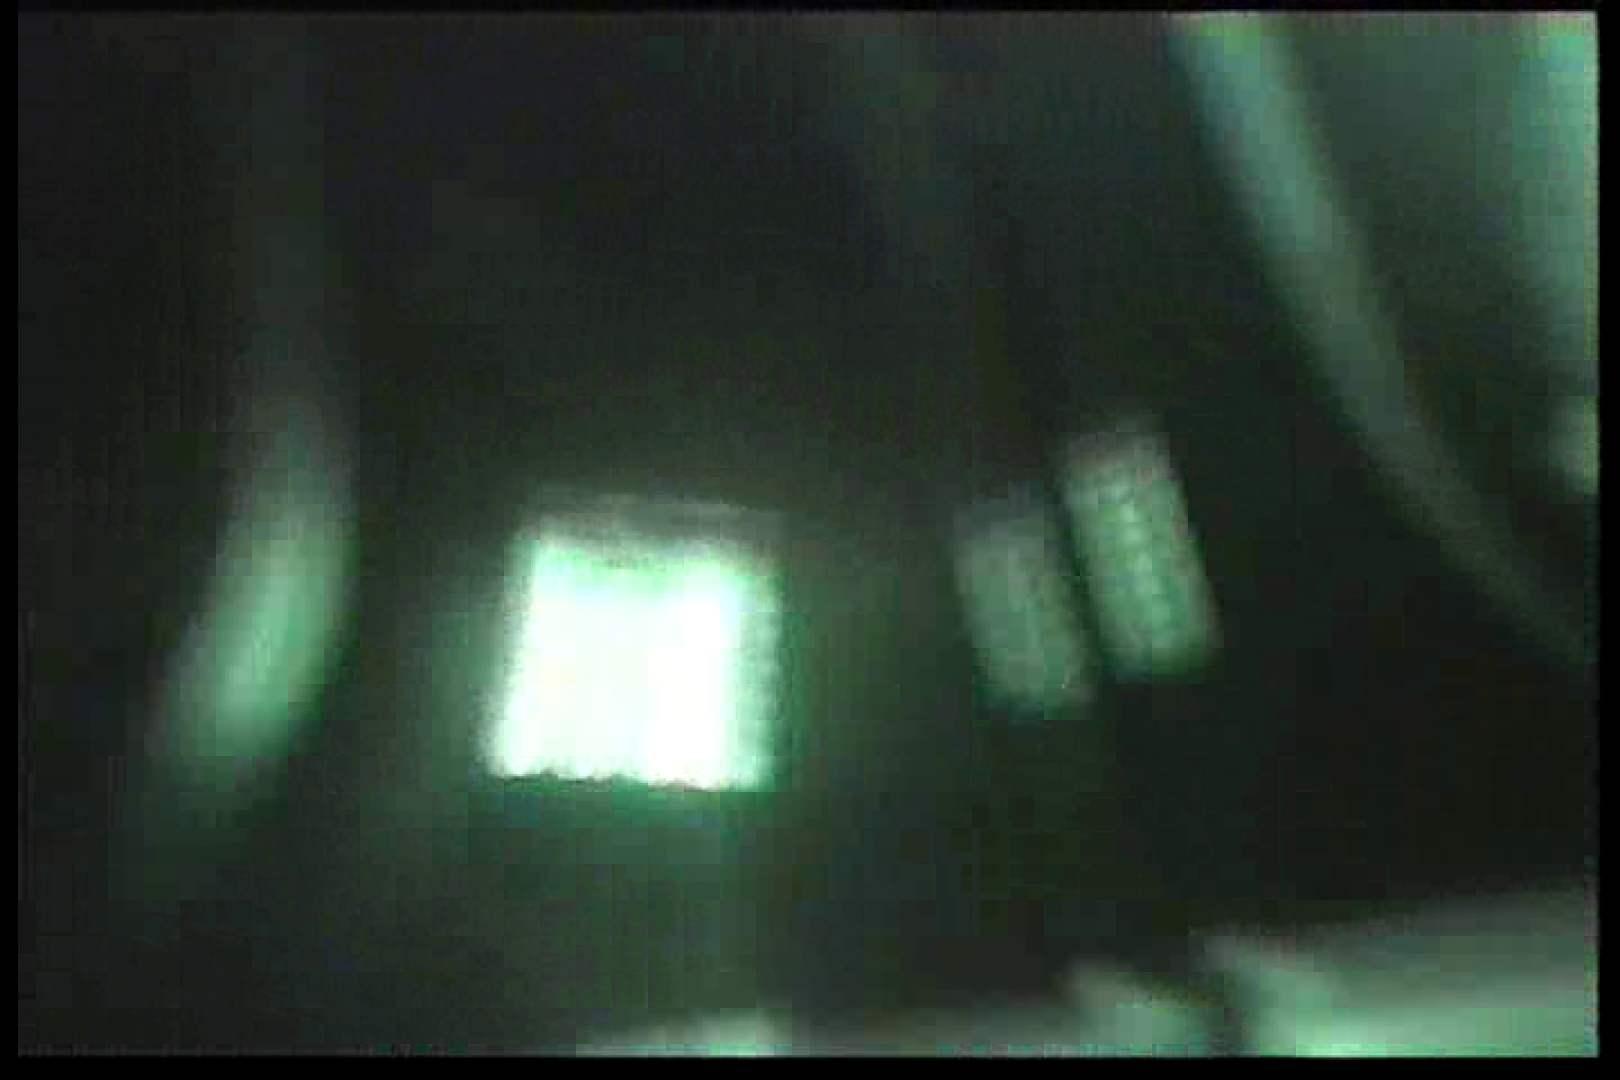 カーセックス未編集・無修正版 Vol.8前編 赤外線   素人エロ投稿  74画像 55